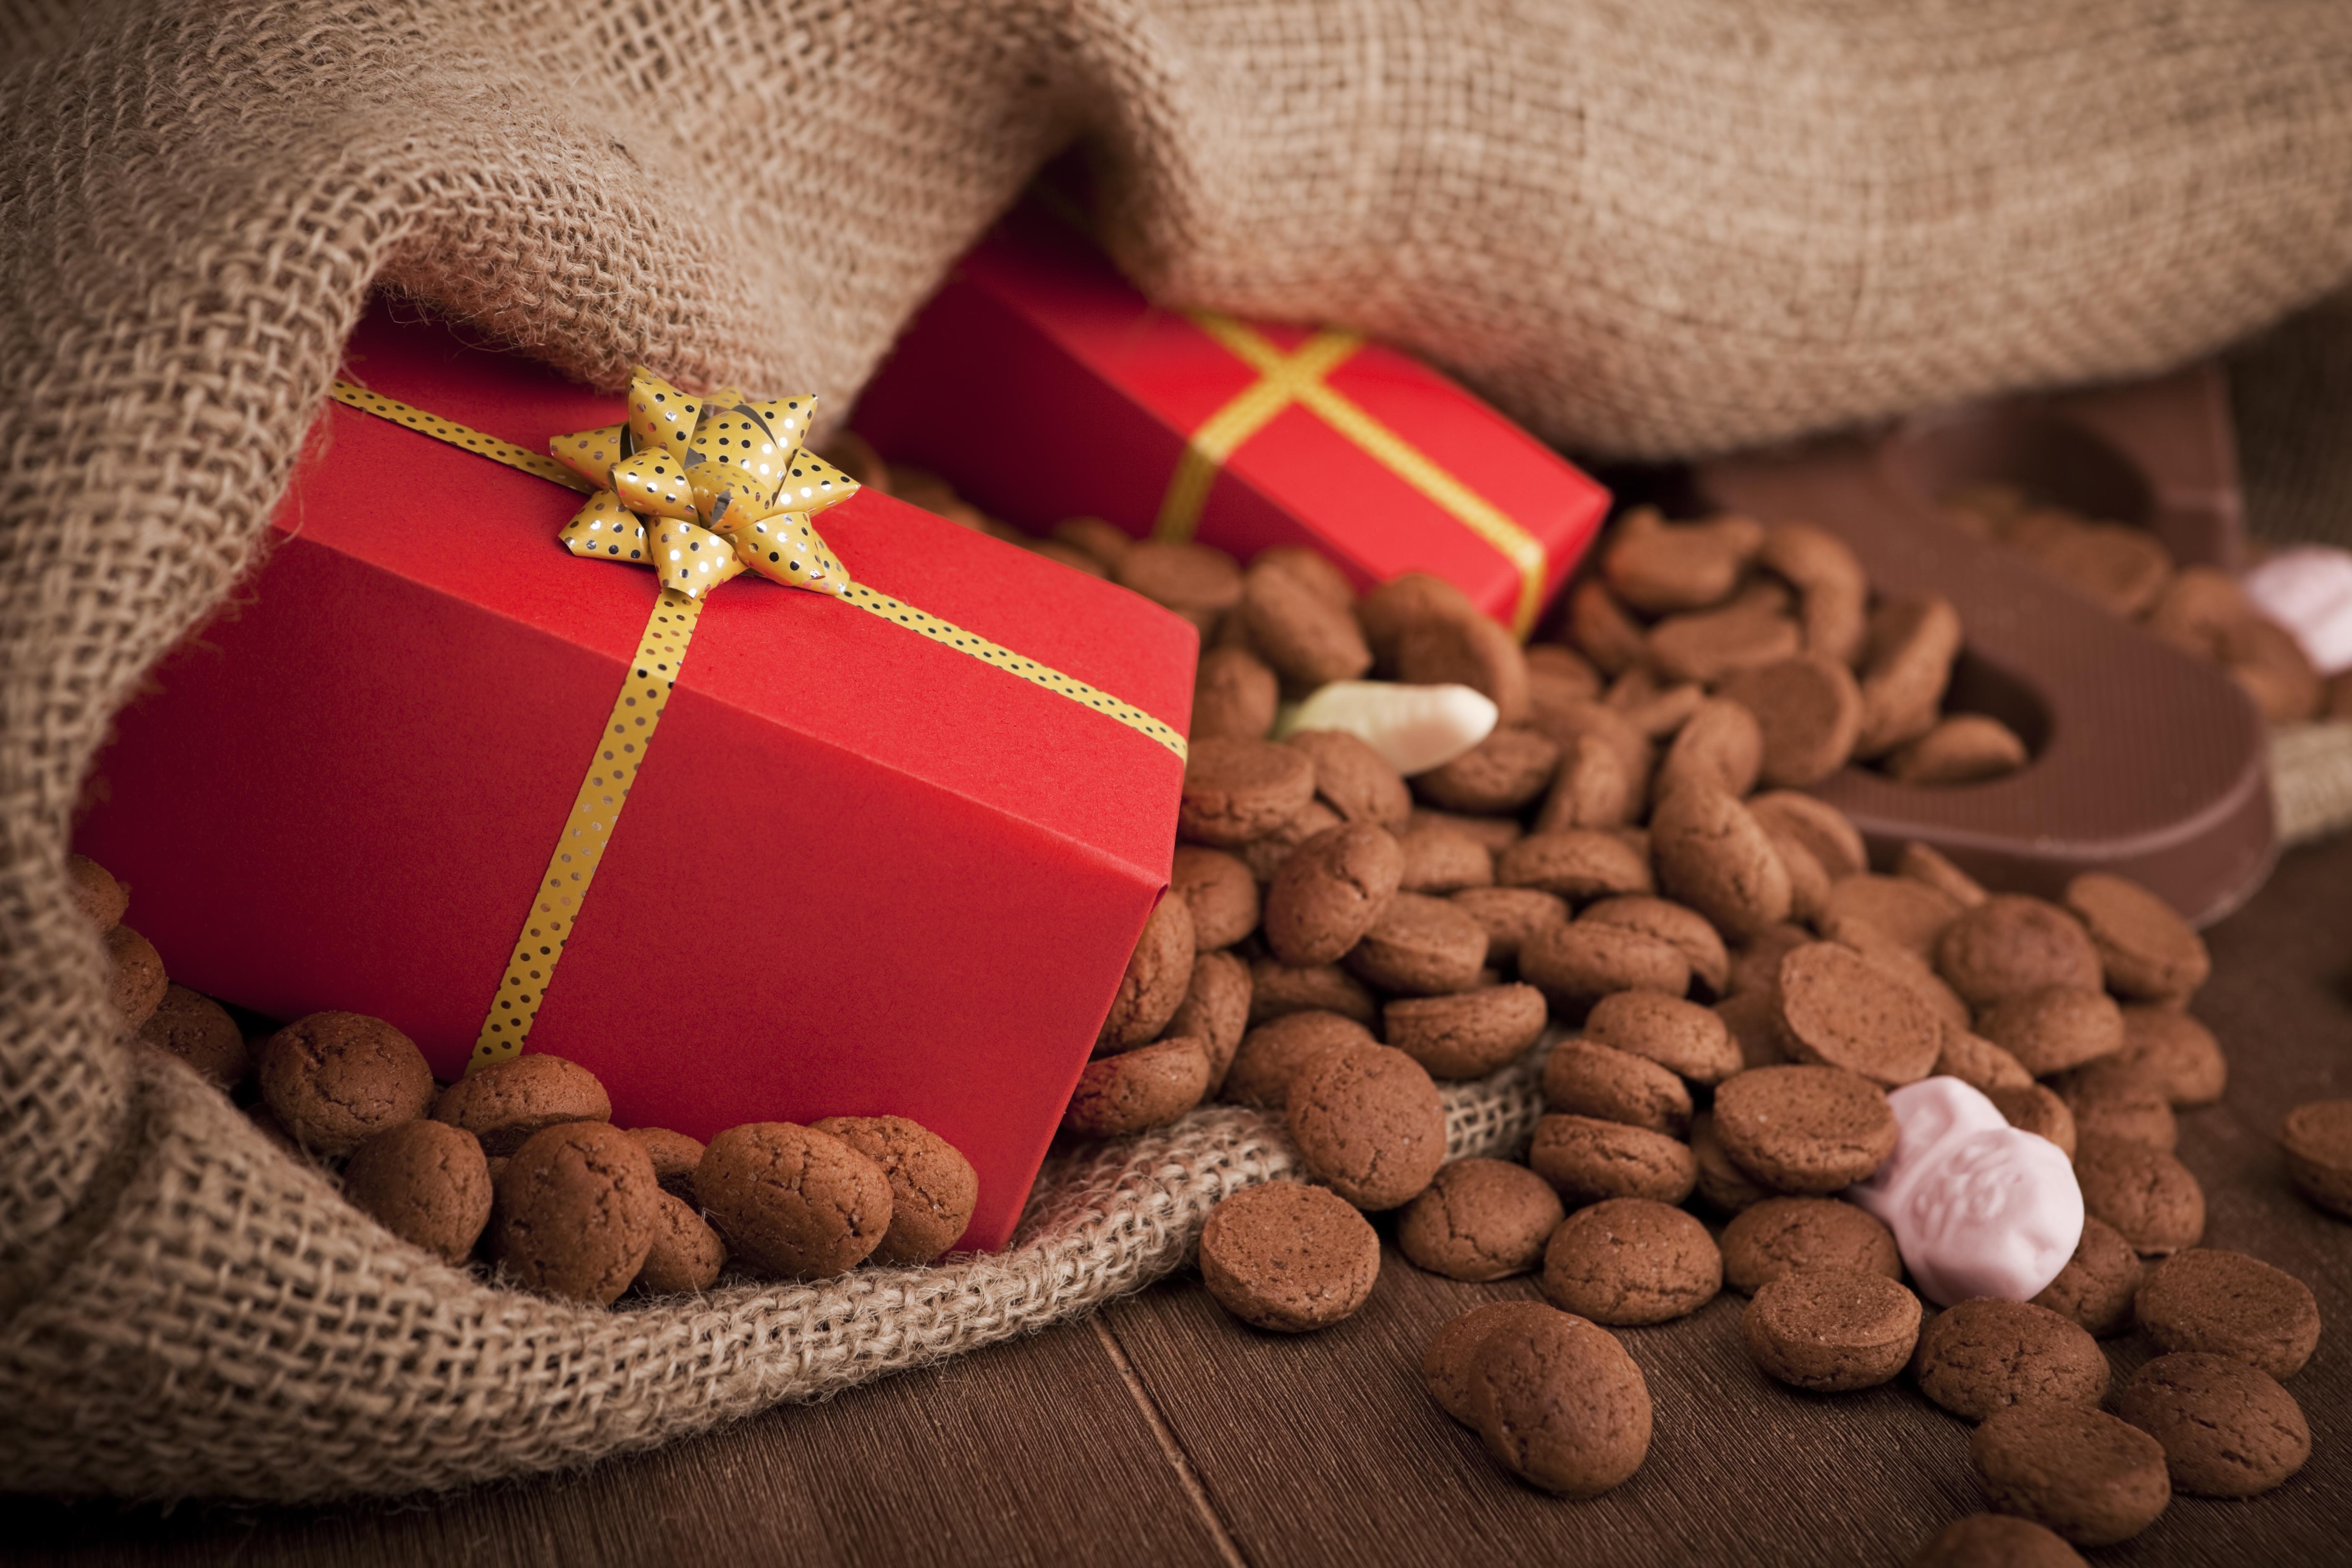 Het ultieme Sinterklaascadeau: een leren tas!